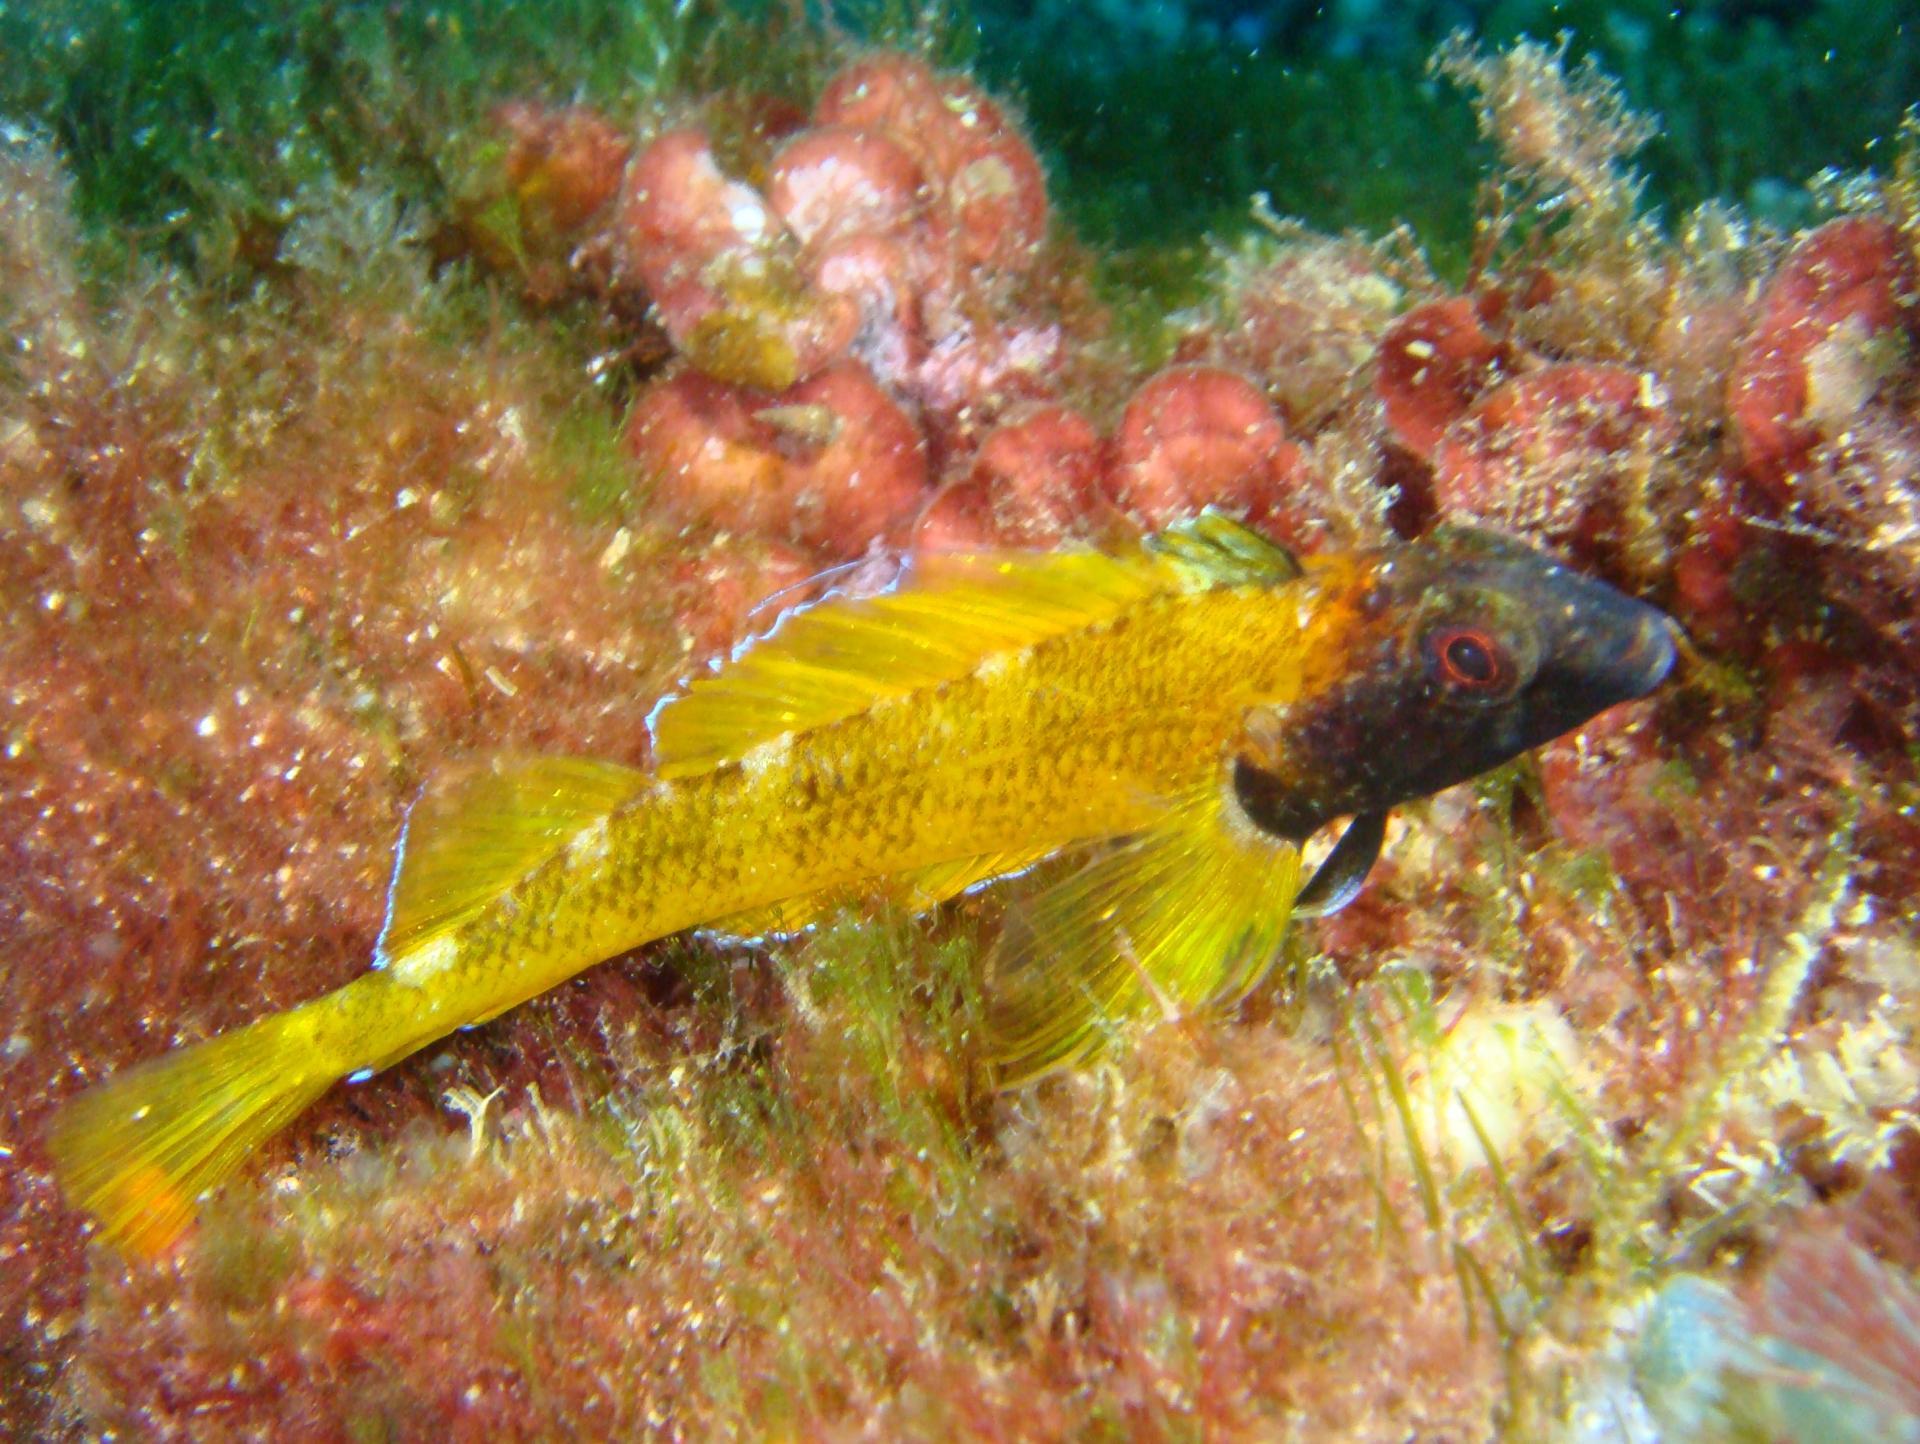 Triytérigion jaune, plongée à carry le rouet, cote bleue, marseille